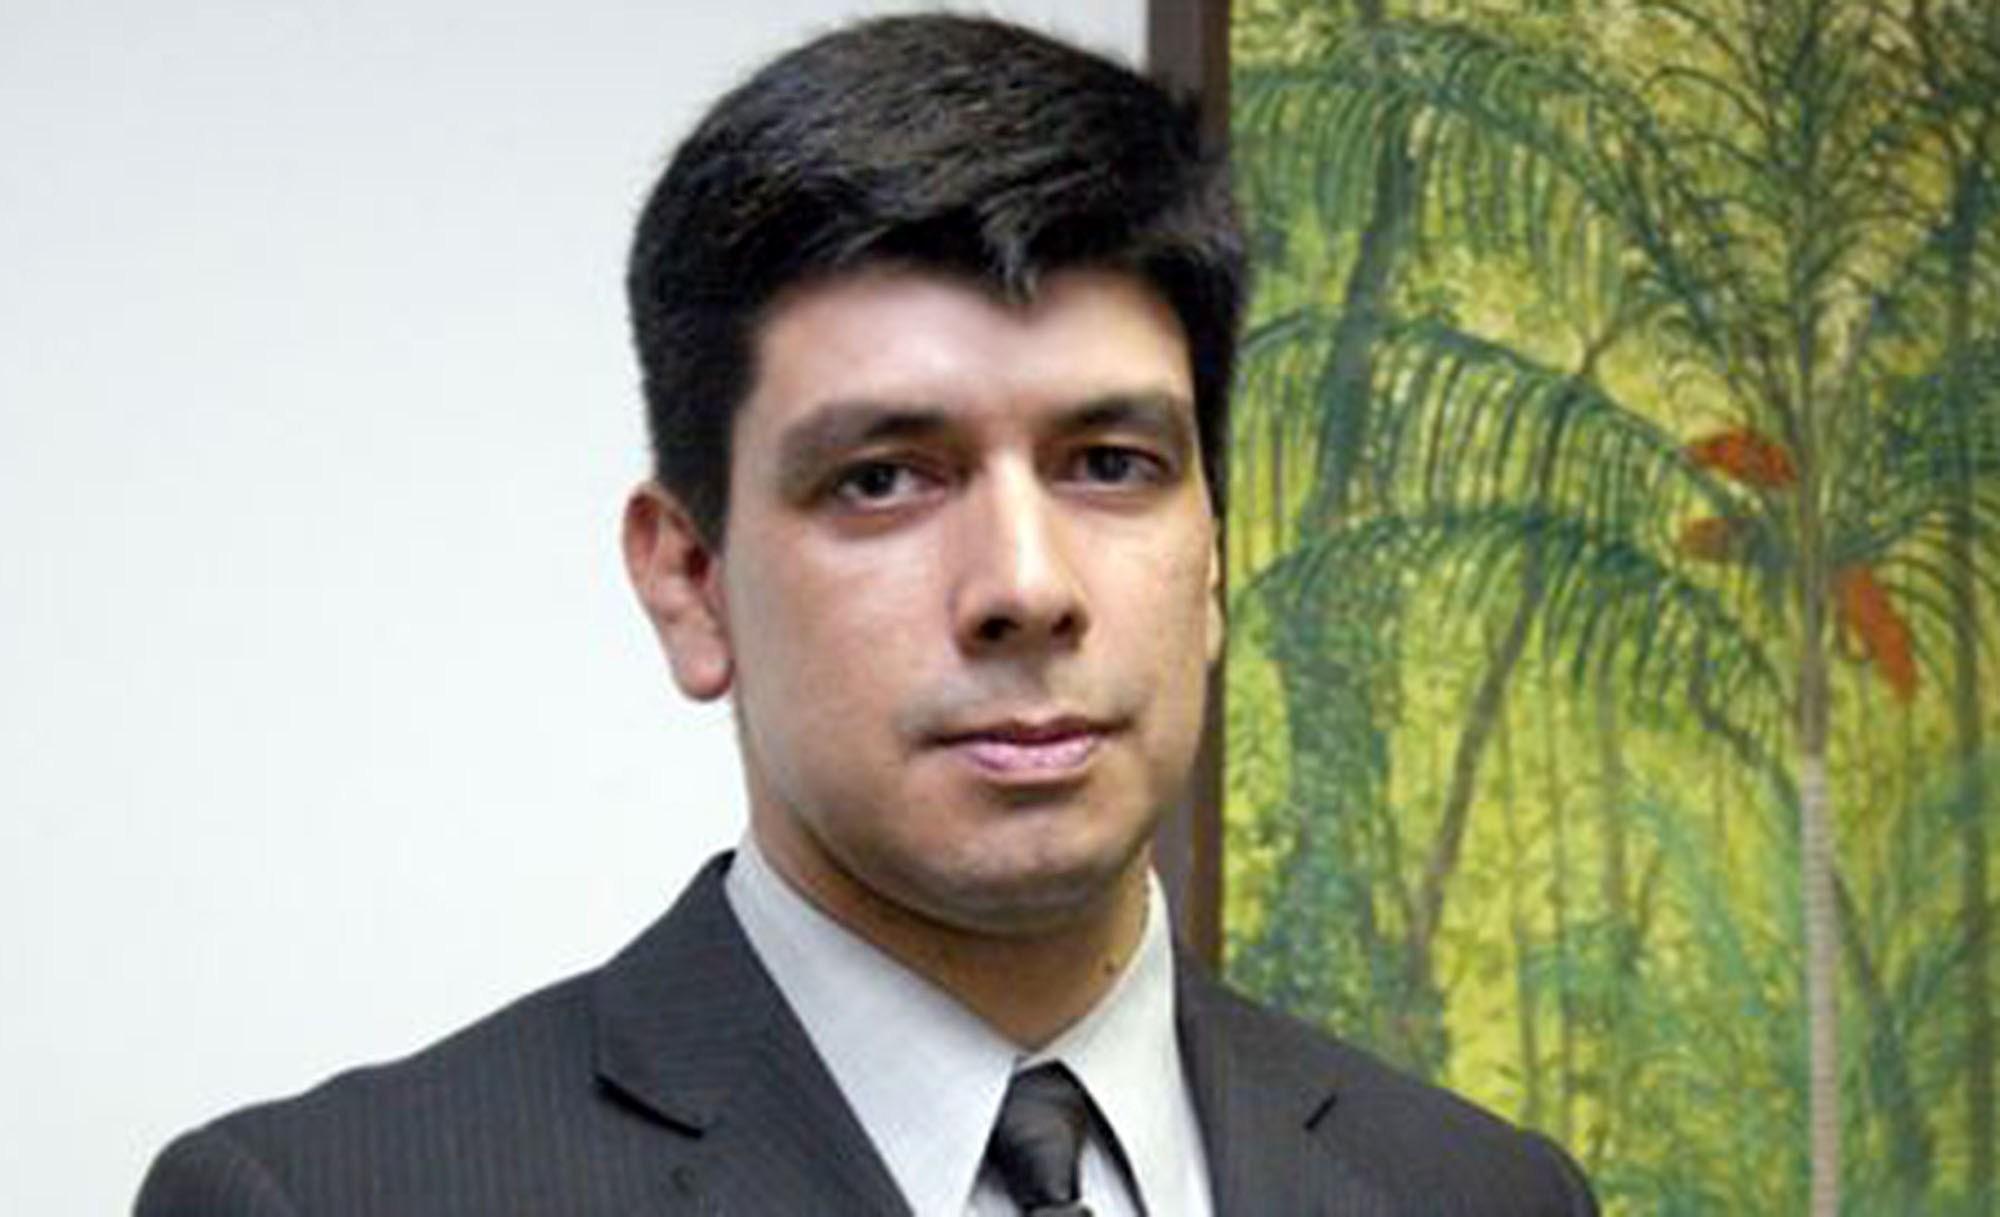 Decreto 380 é inconstitucional e pode ser questionado na Justiça, afirma Maizman